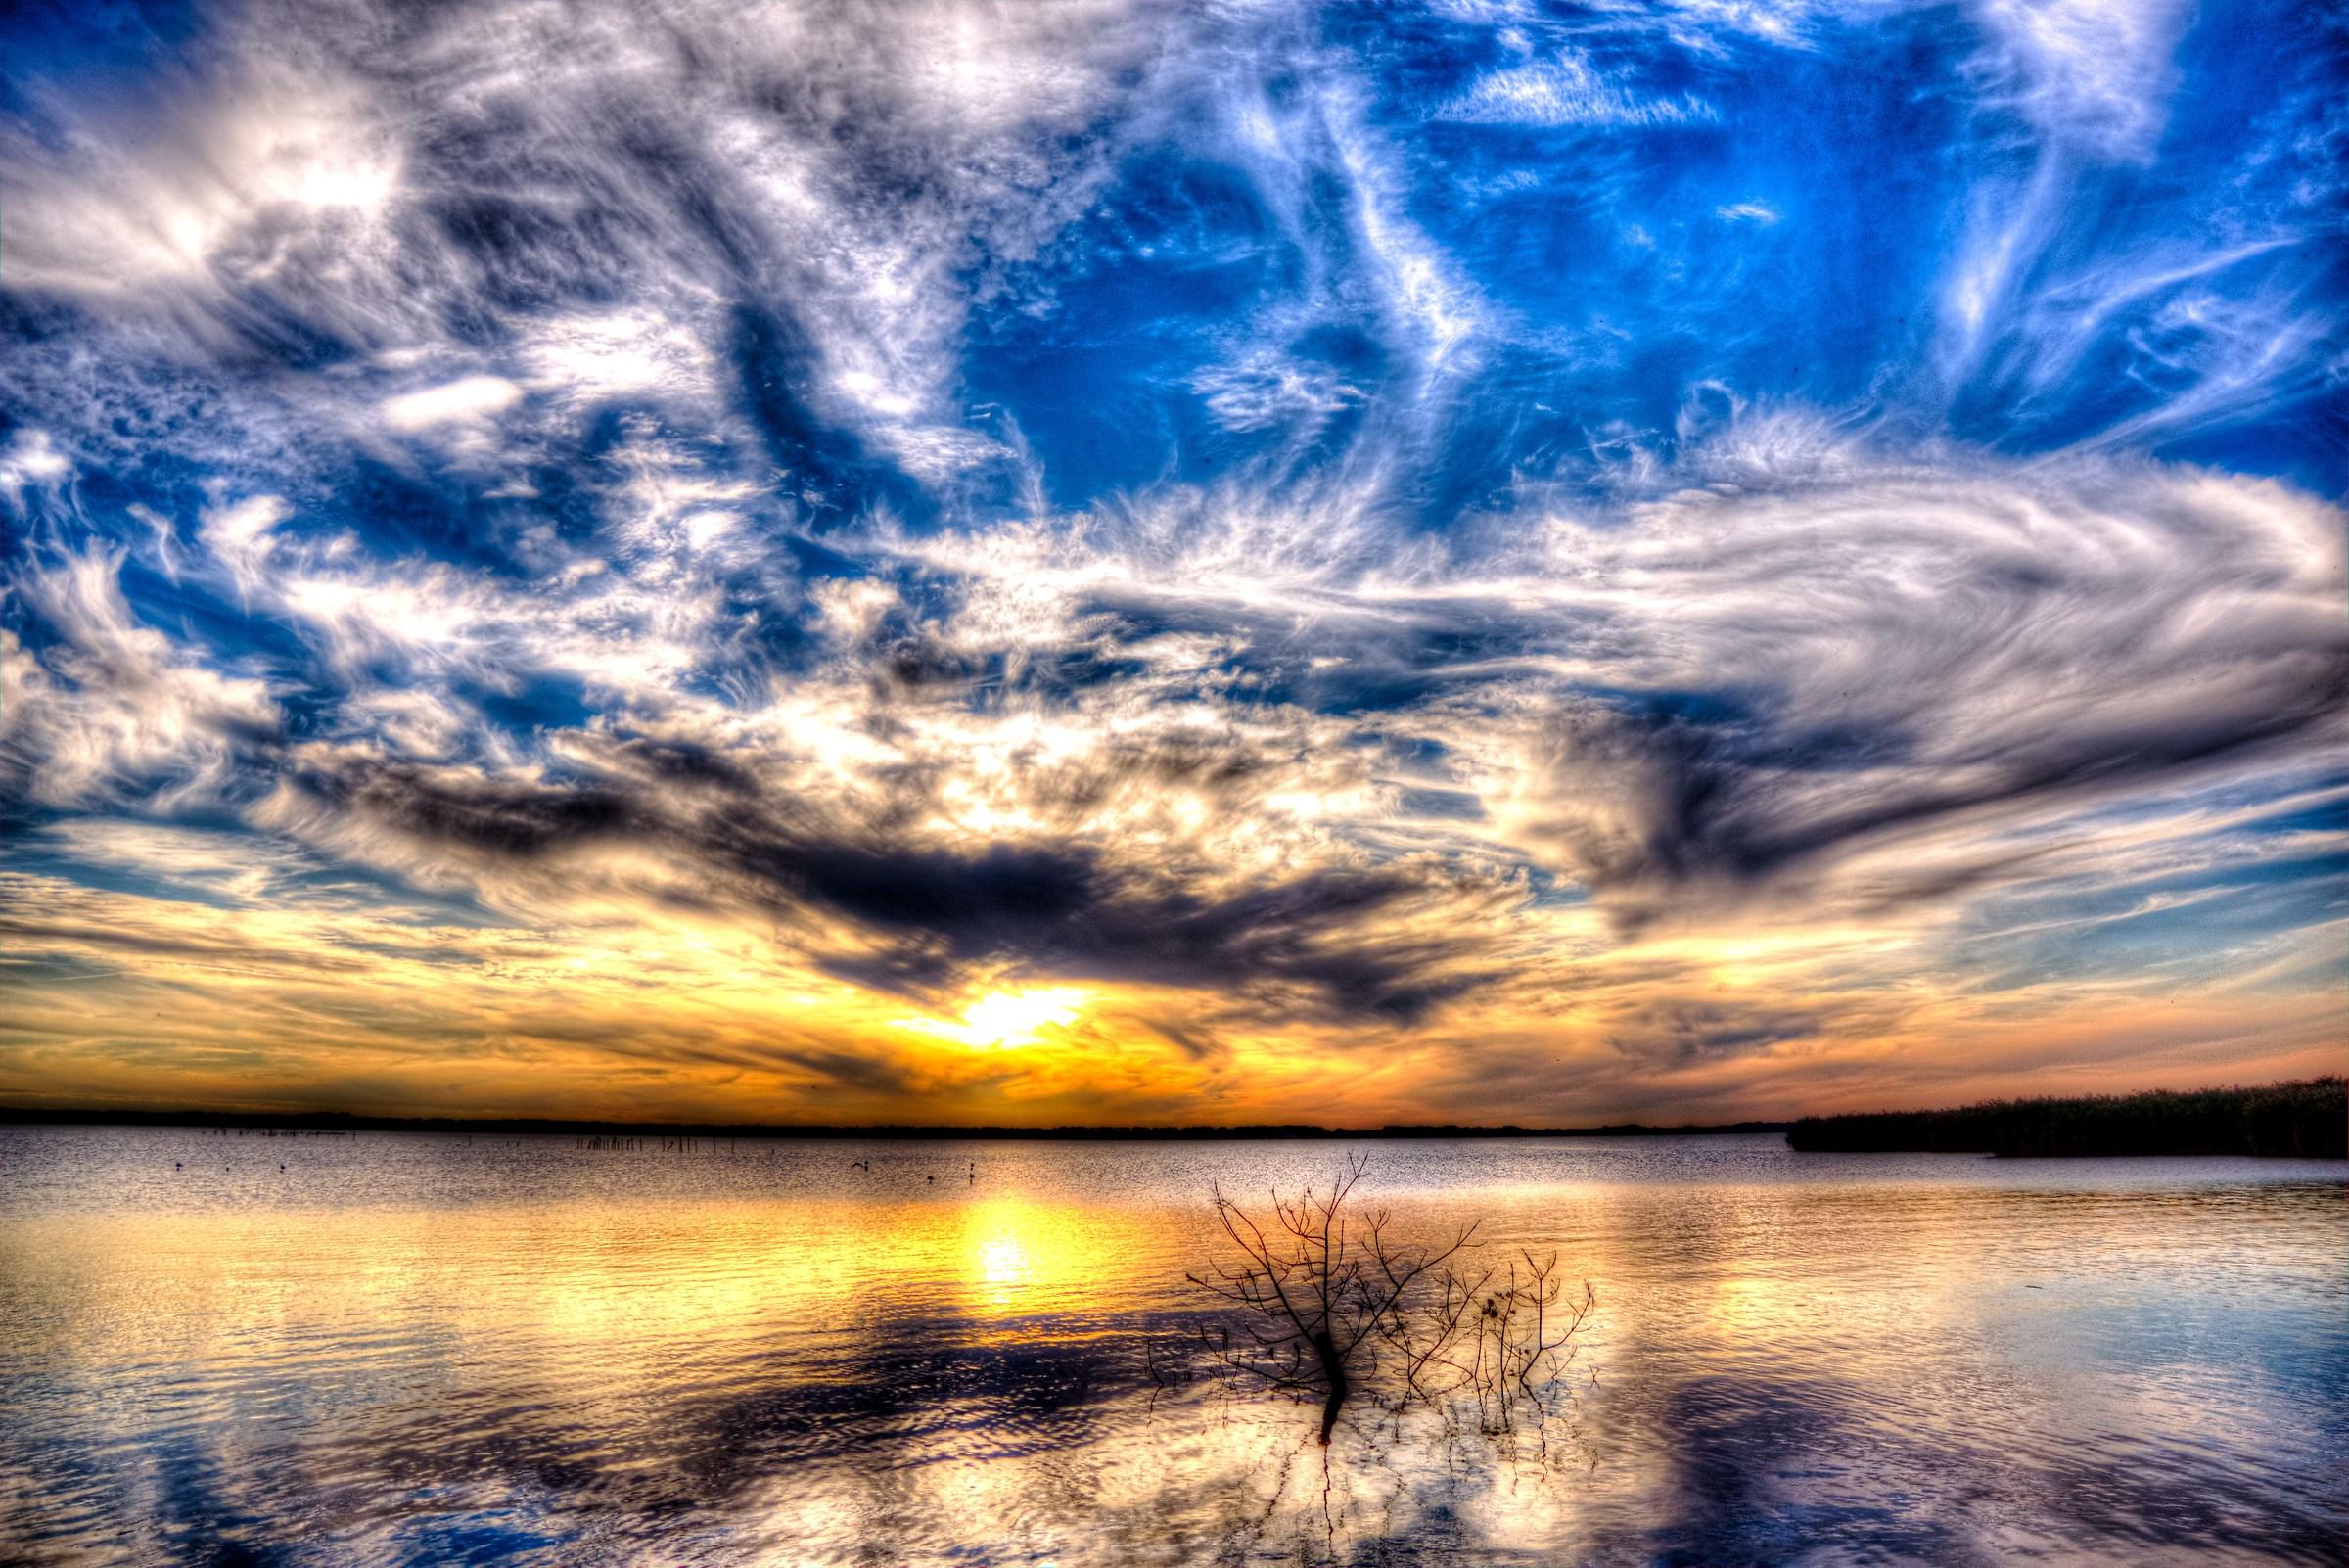 Tramonto sul lago...